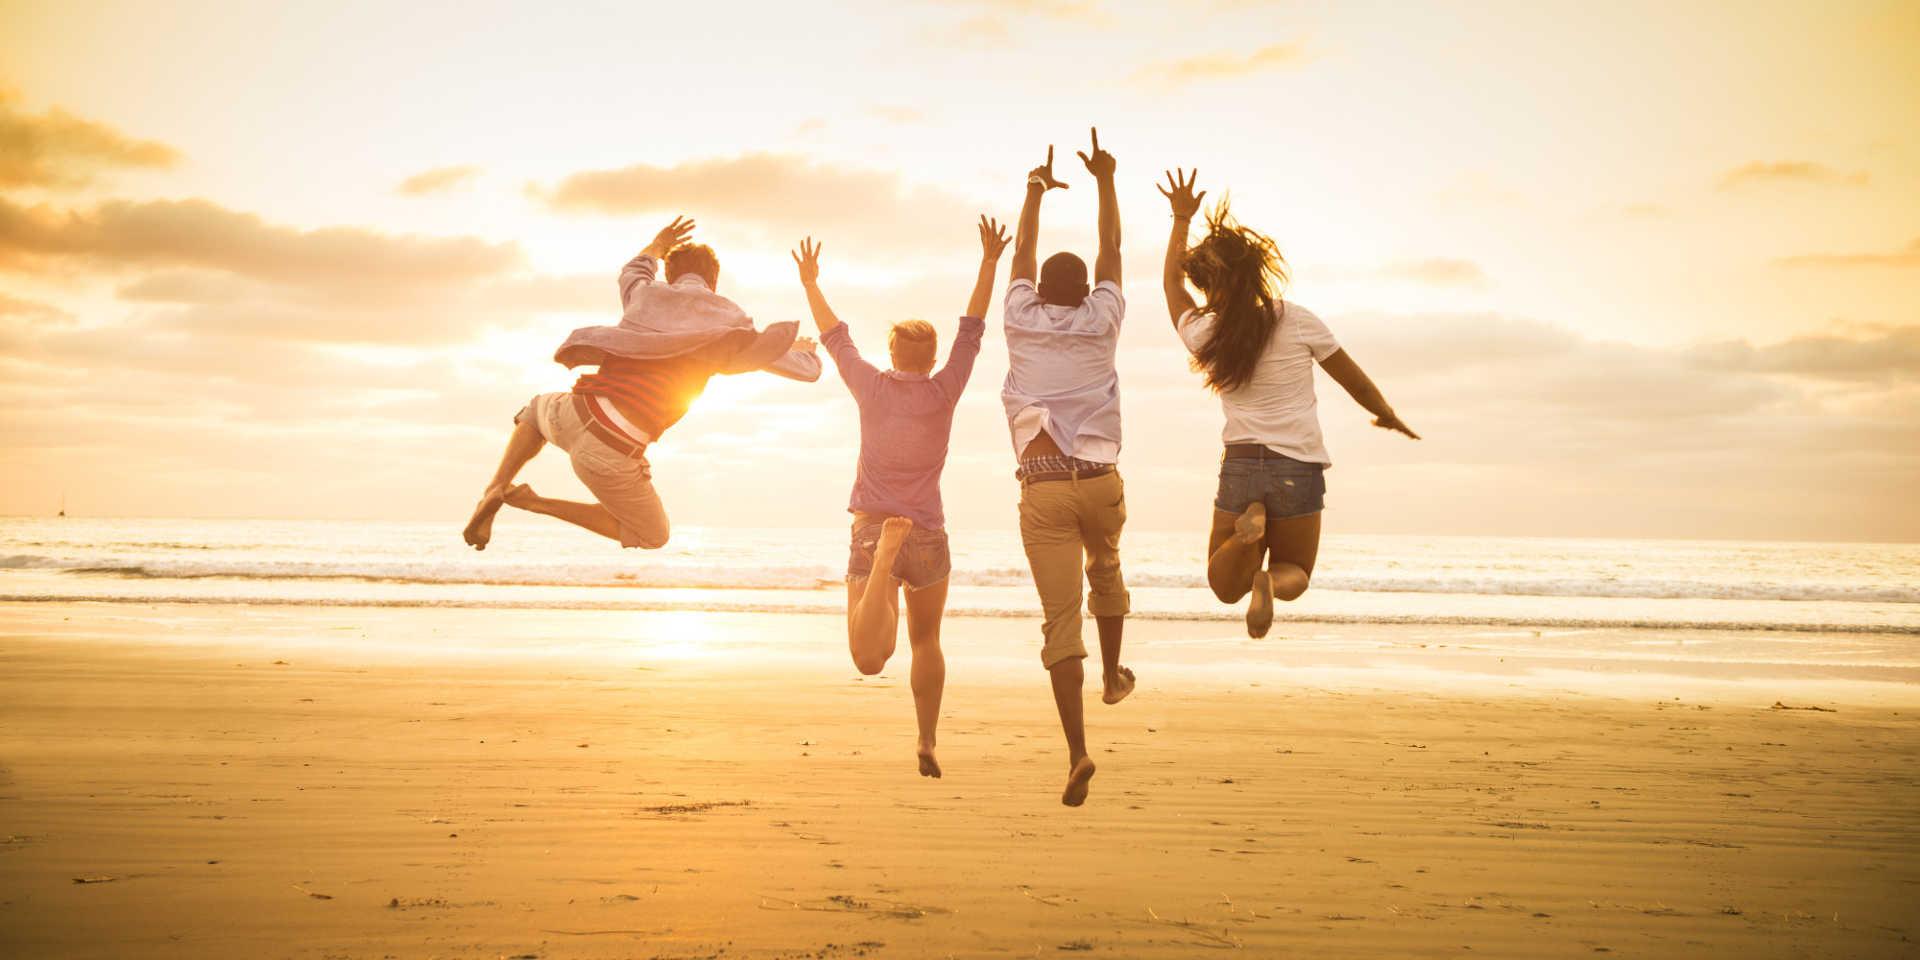 Alapvető jogunk a szabad élet és boldogság! Miért vonnánk ezt meg magunktól. Lépj ki a fénybe!